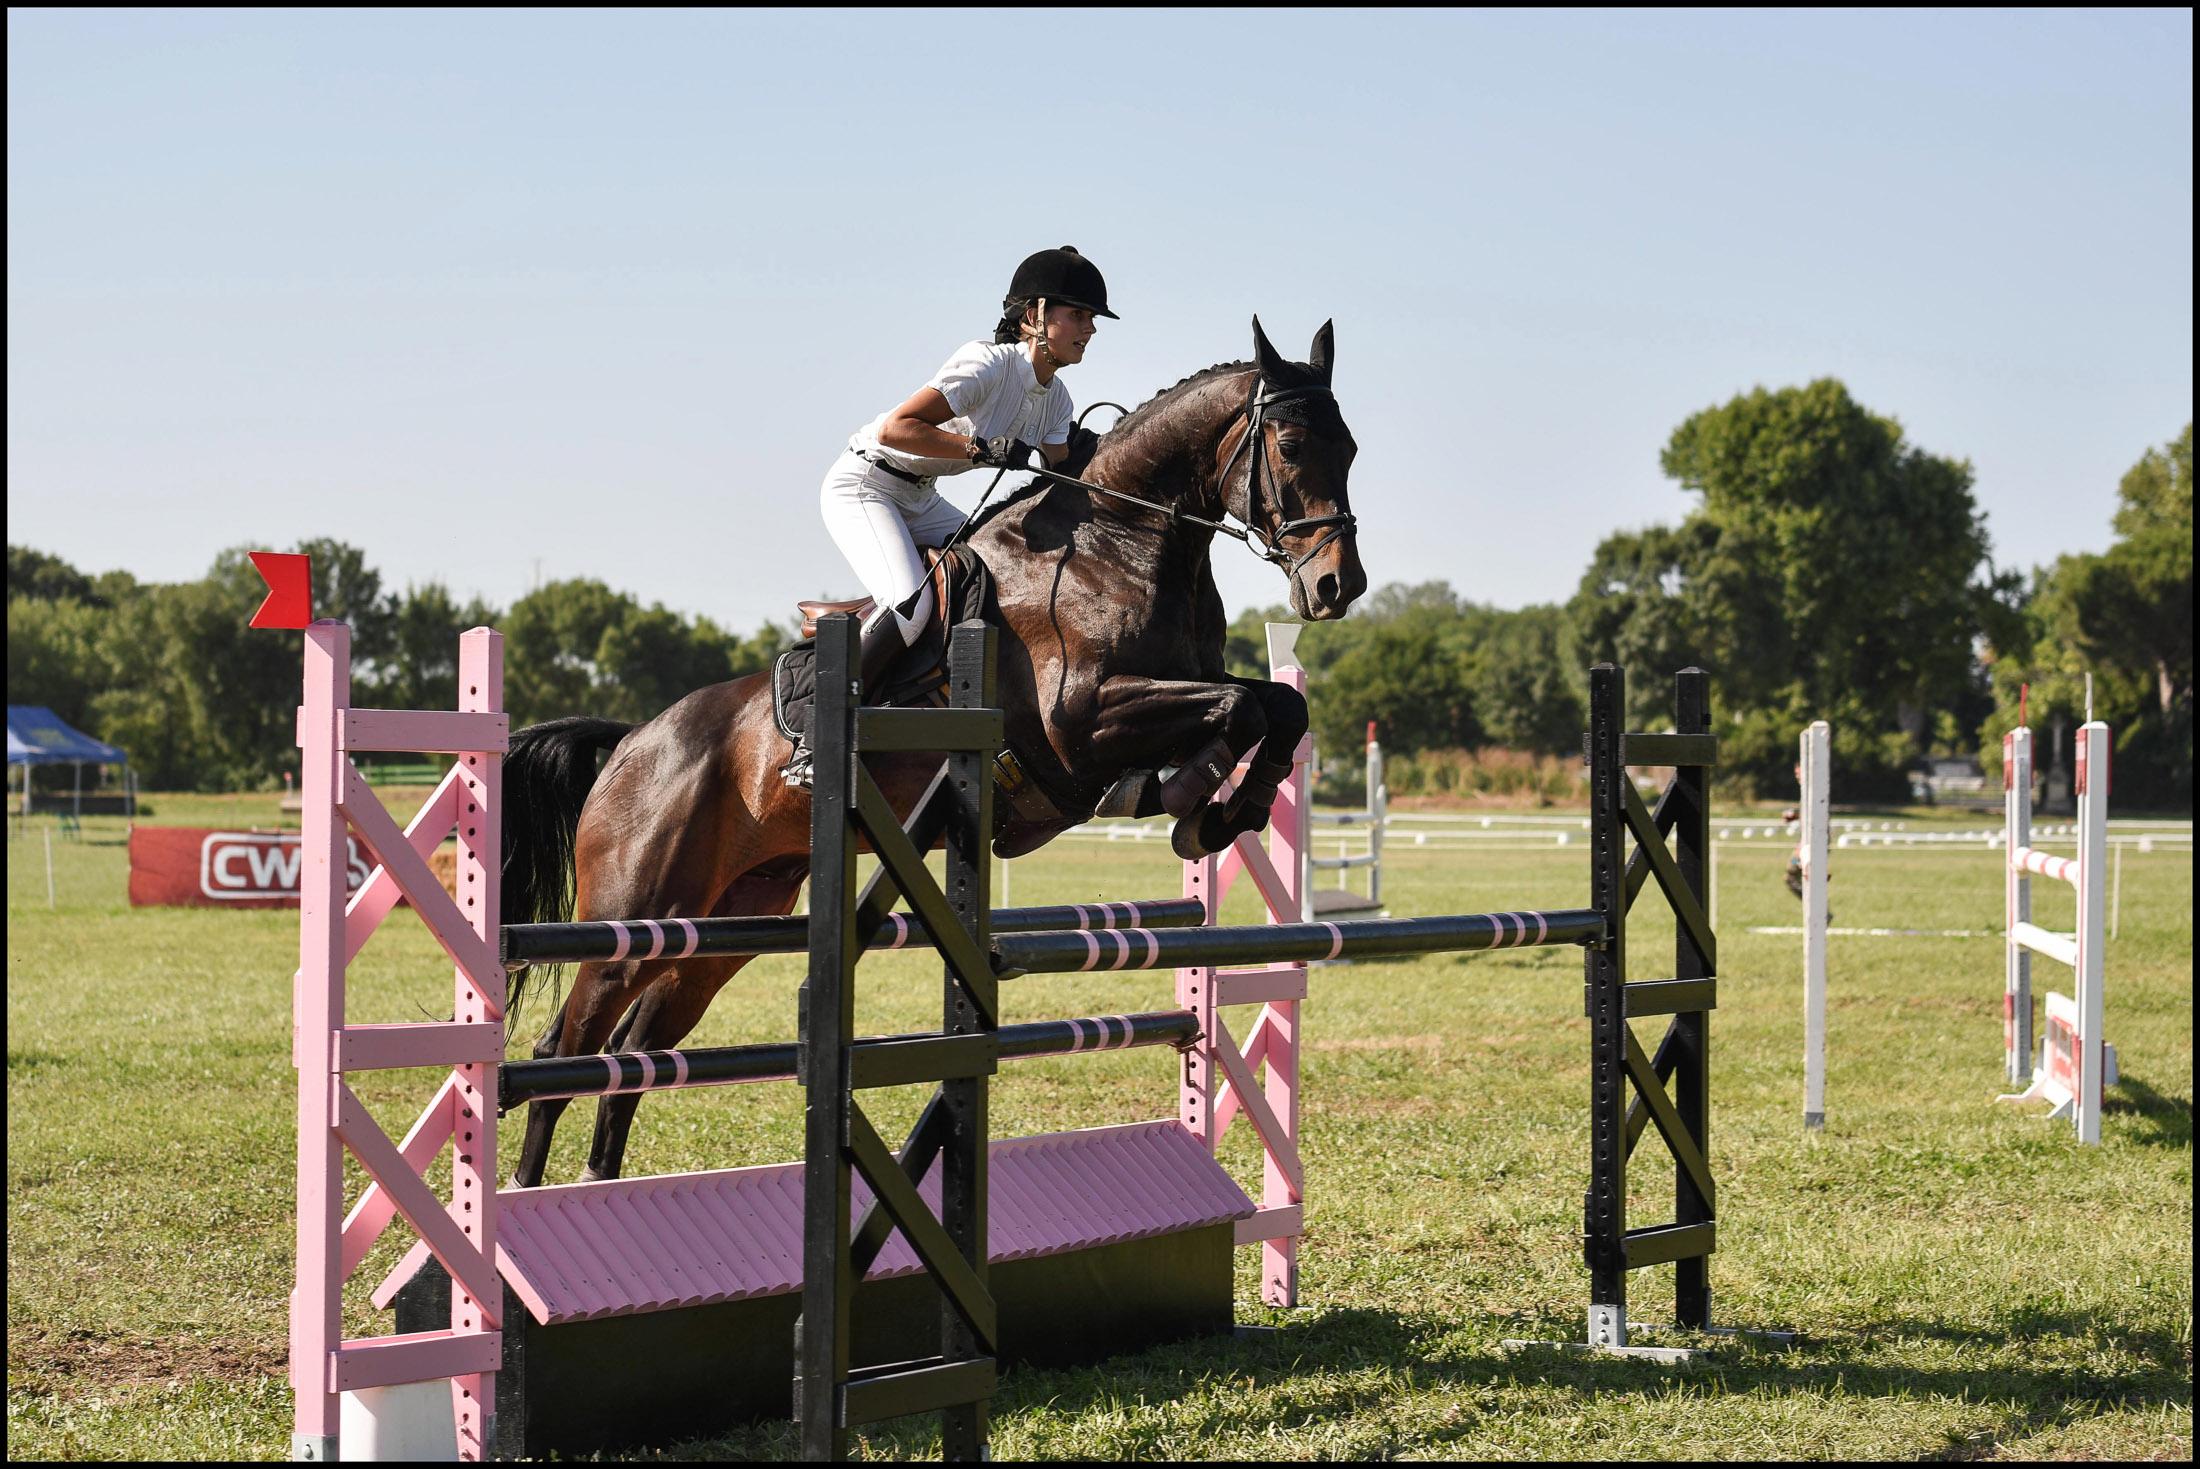 cce, C.PELLE, équitation